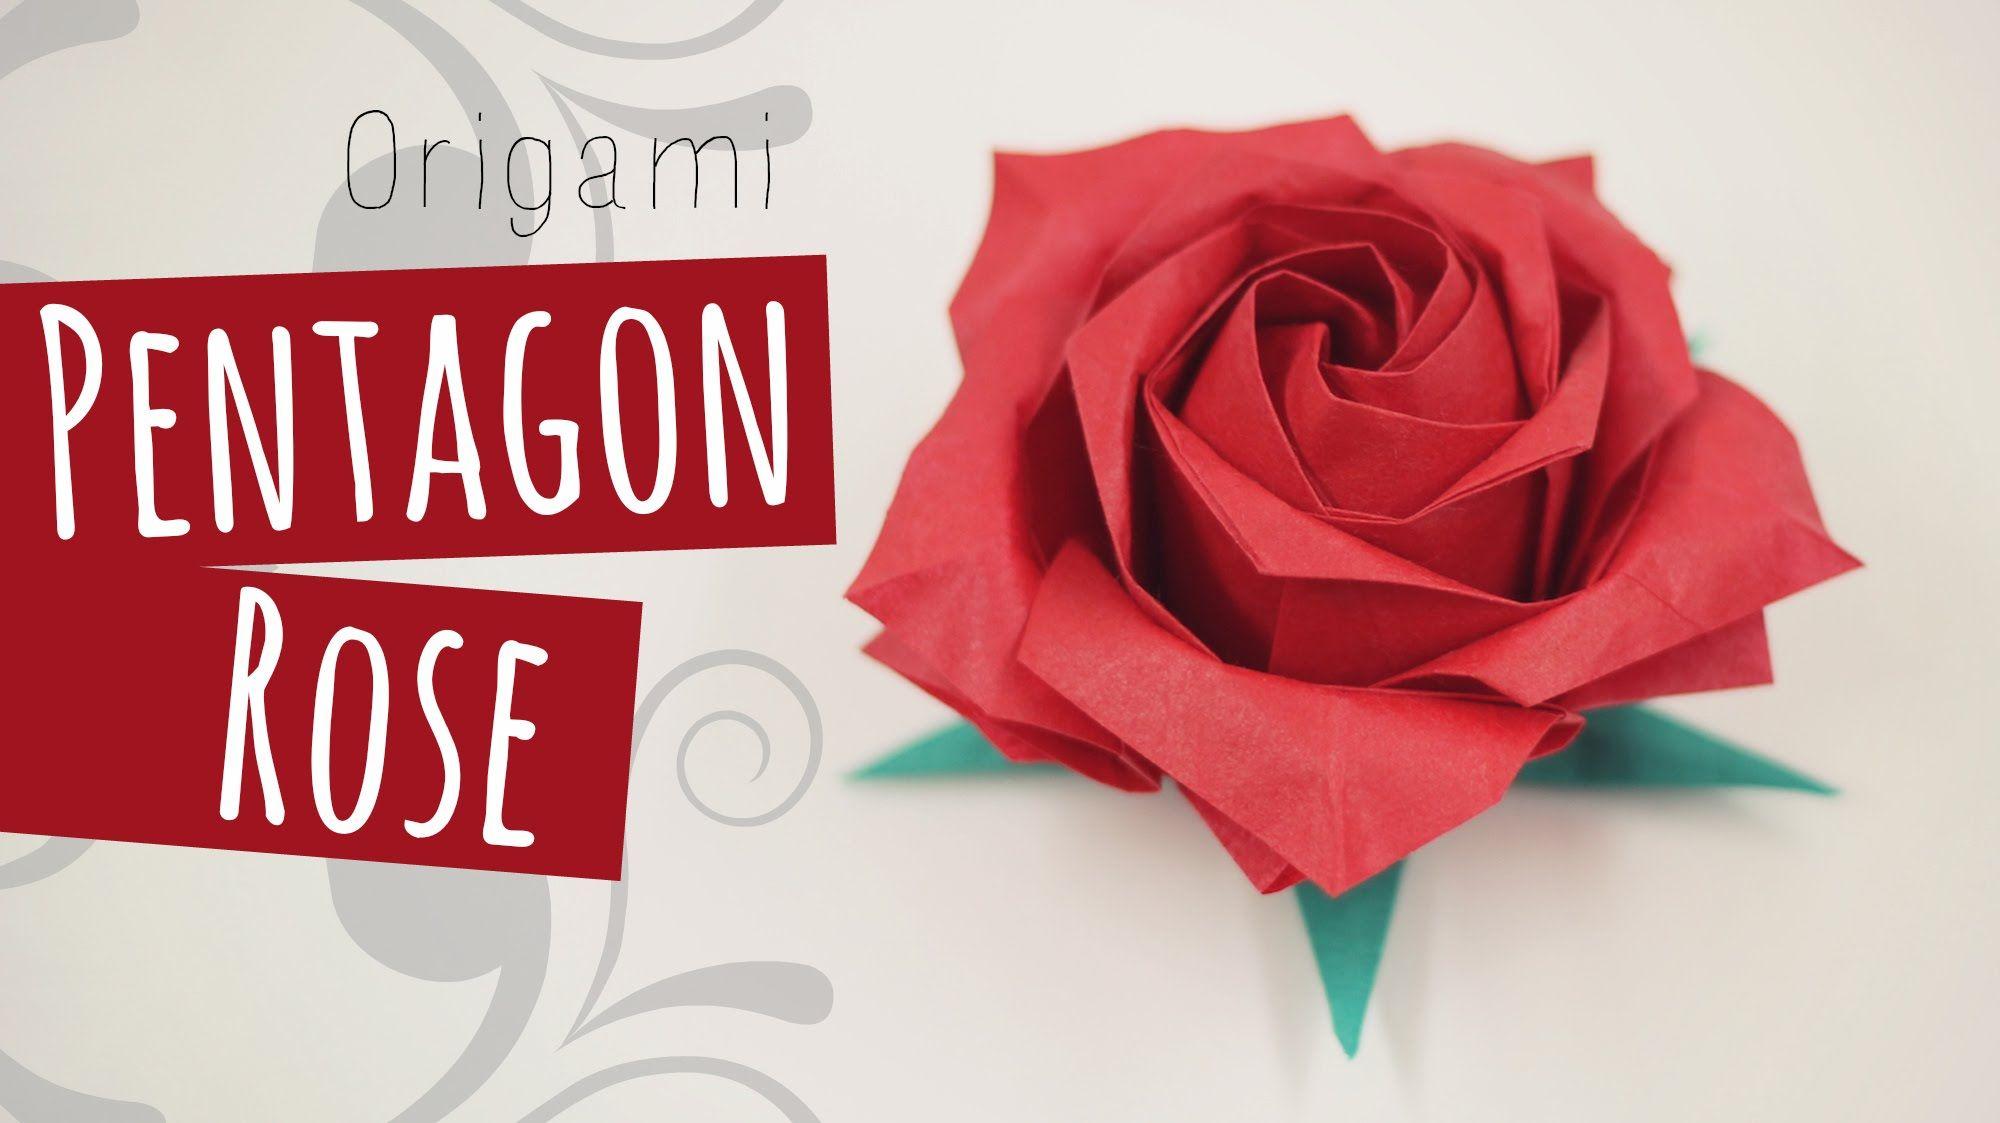 Origami Pentagon Rose tutorial. Intermediate level origami ... - photo#28